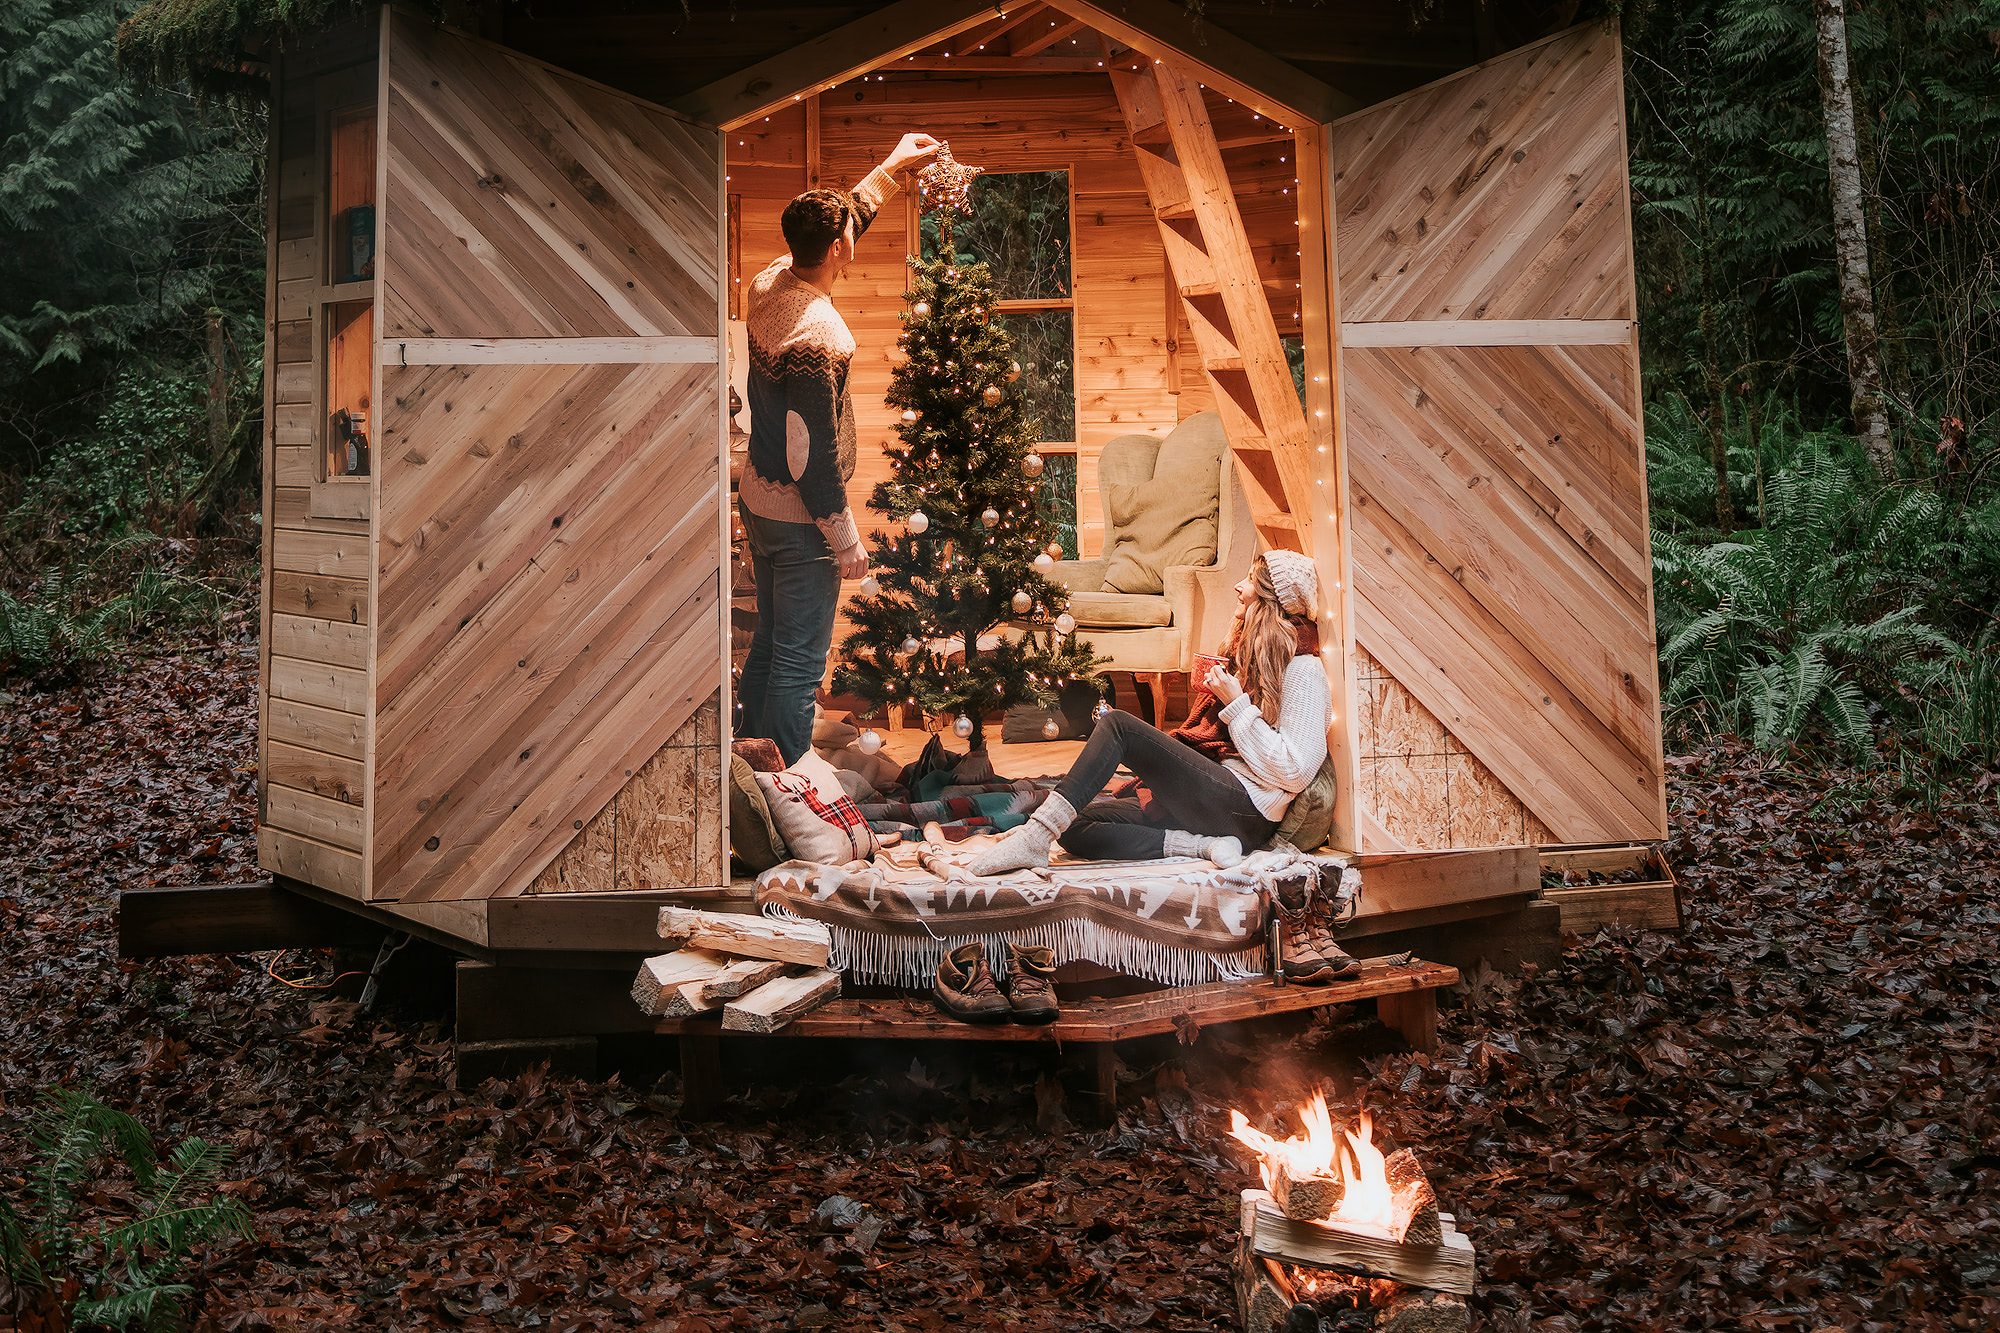 http://www.energizer.com/lighting?utm_source=blog&utm_medium=post&utm_campaign=fy18_holiday_lights_influencer_program